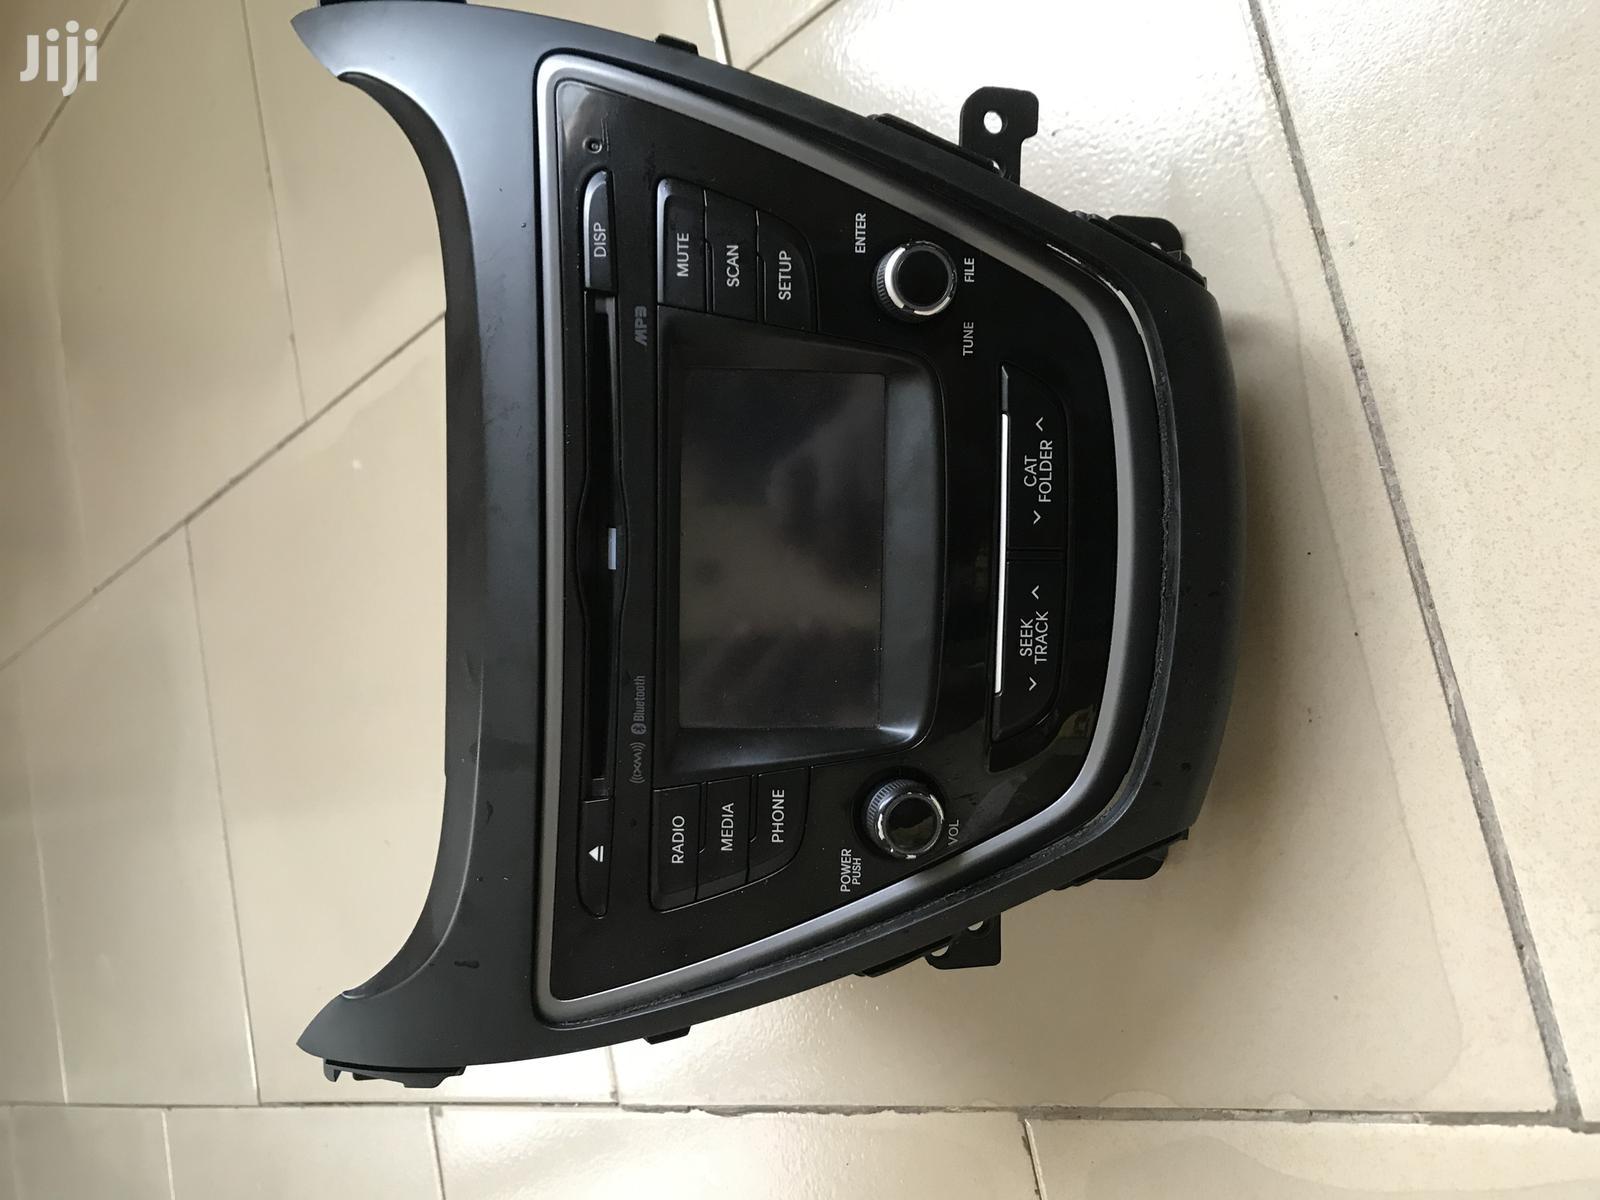 Car Tape for Hyundai Elantra 2014 With Reverse Camera